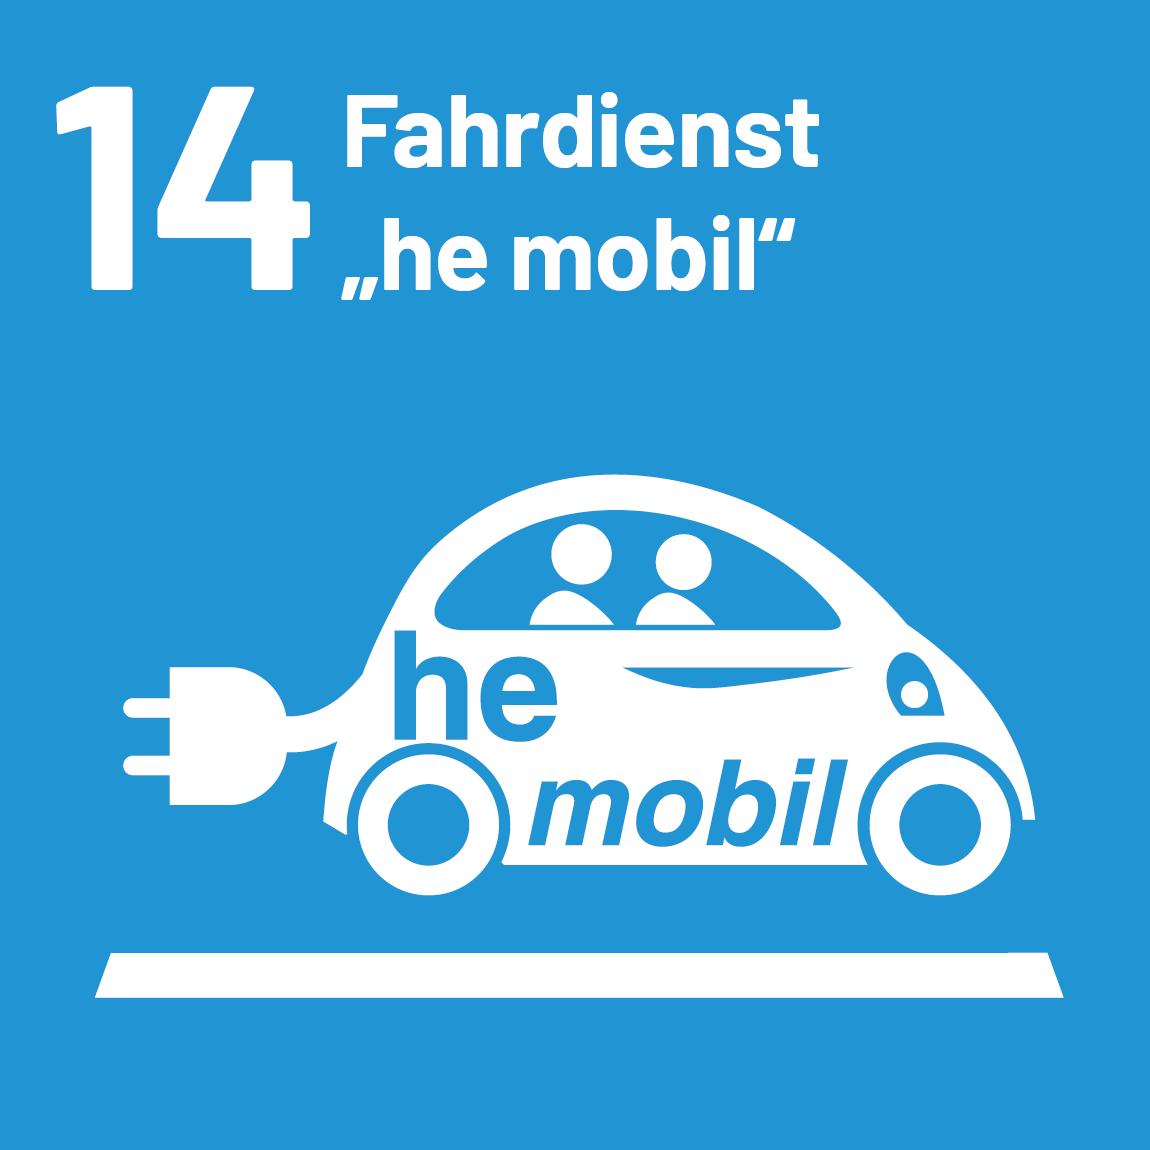 fahrdienst-he-mobil.png